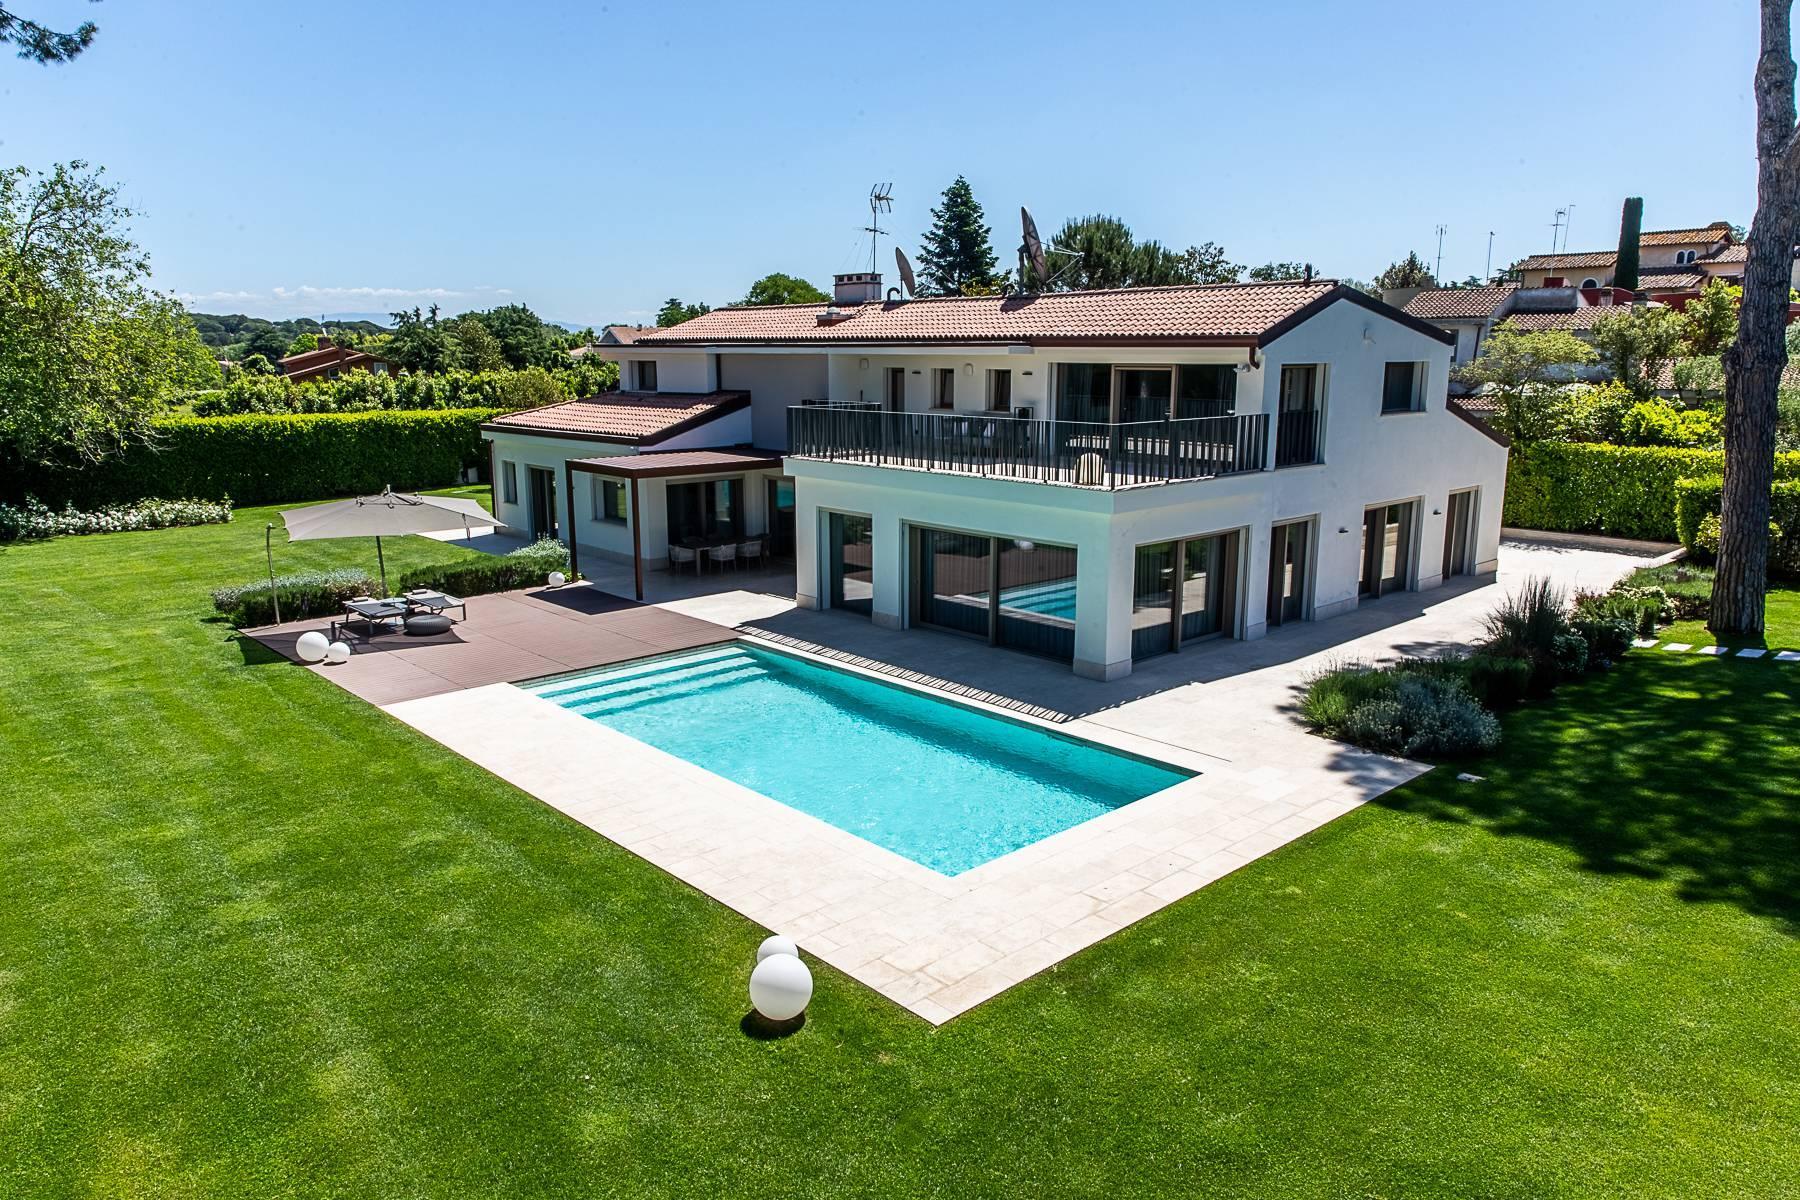 Wunderschöne moderne Villa mit Pool im Olgiata Stadtviertel - 1